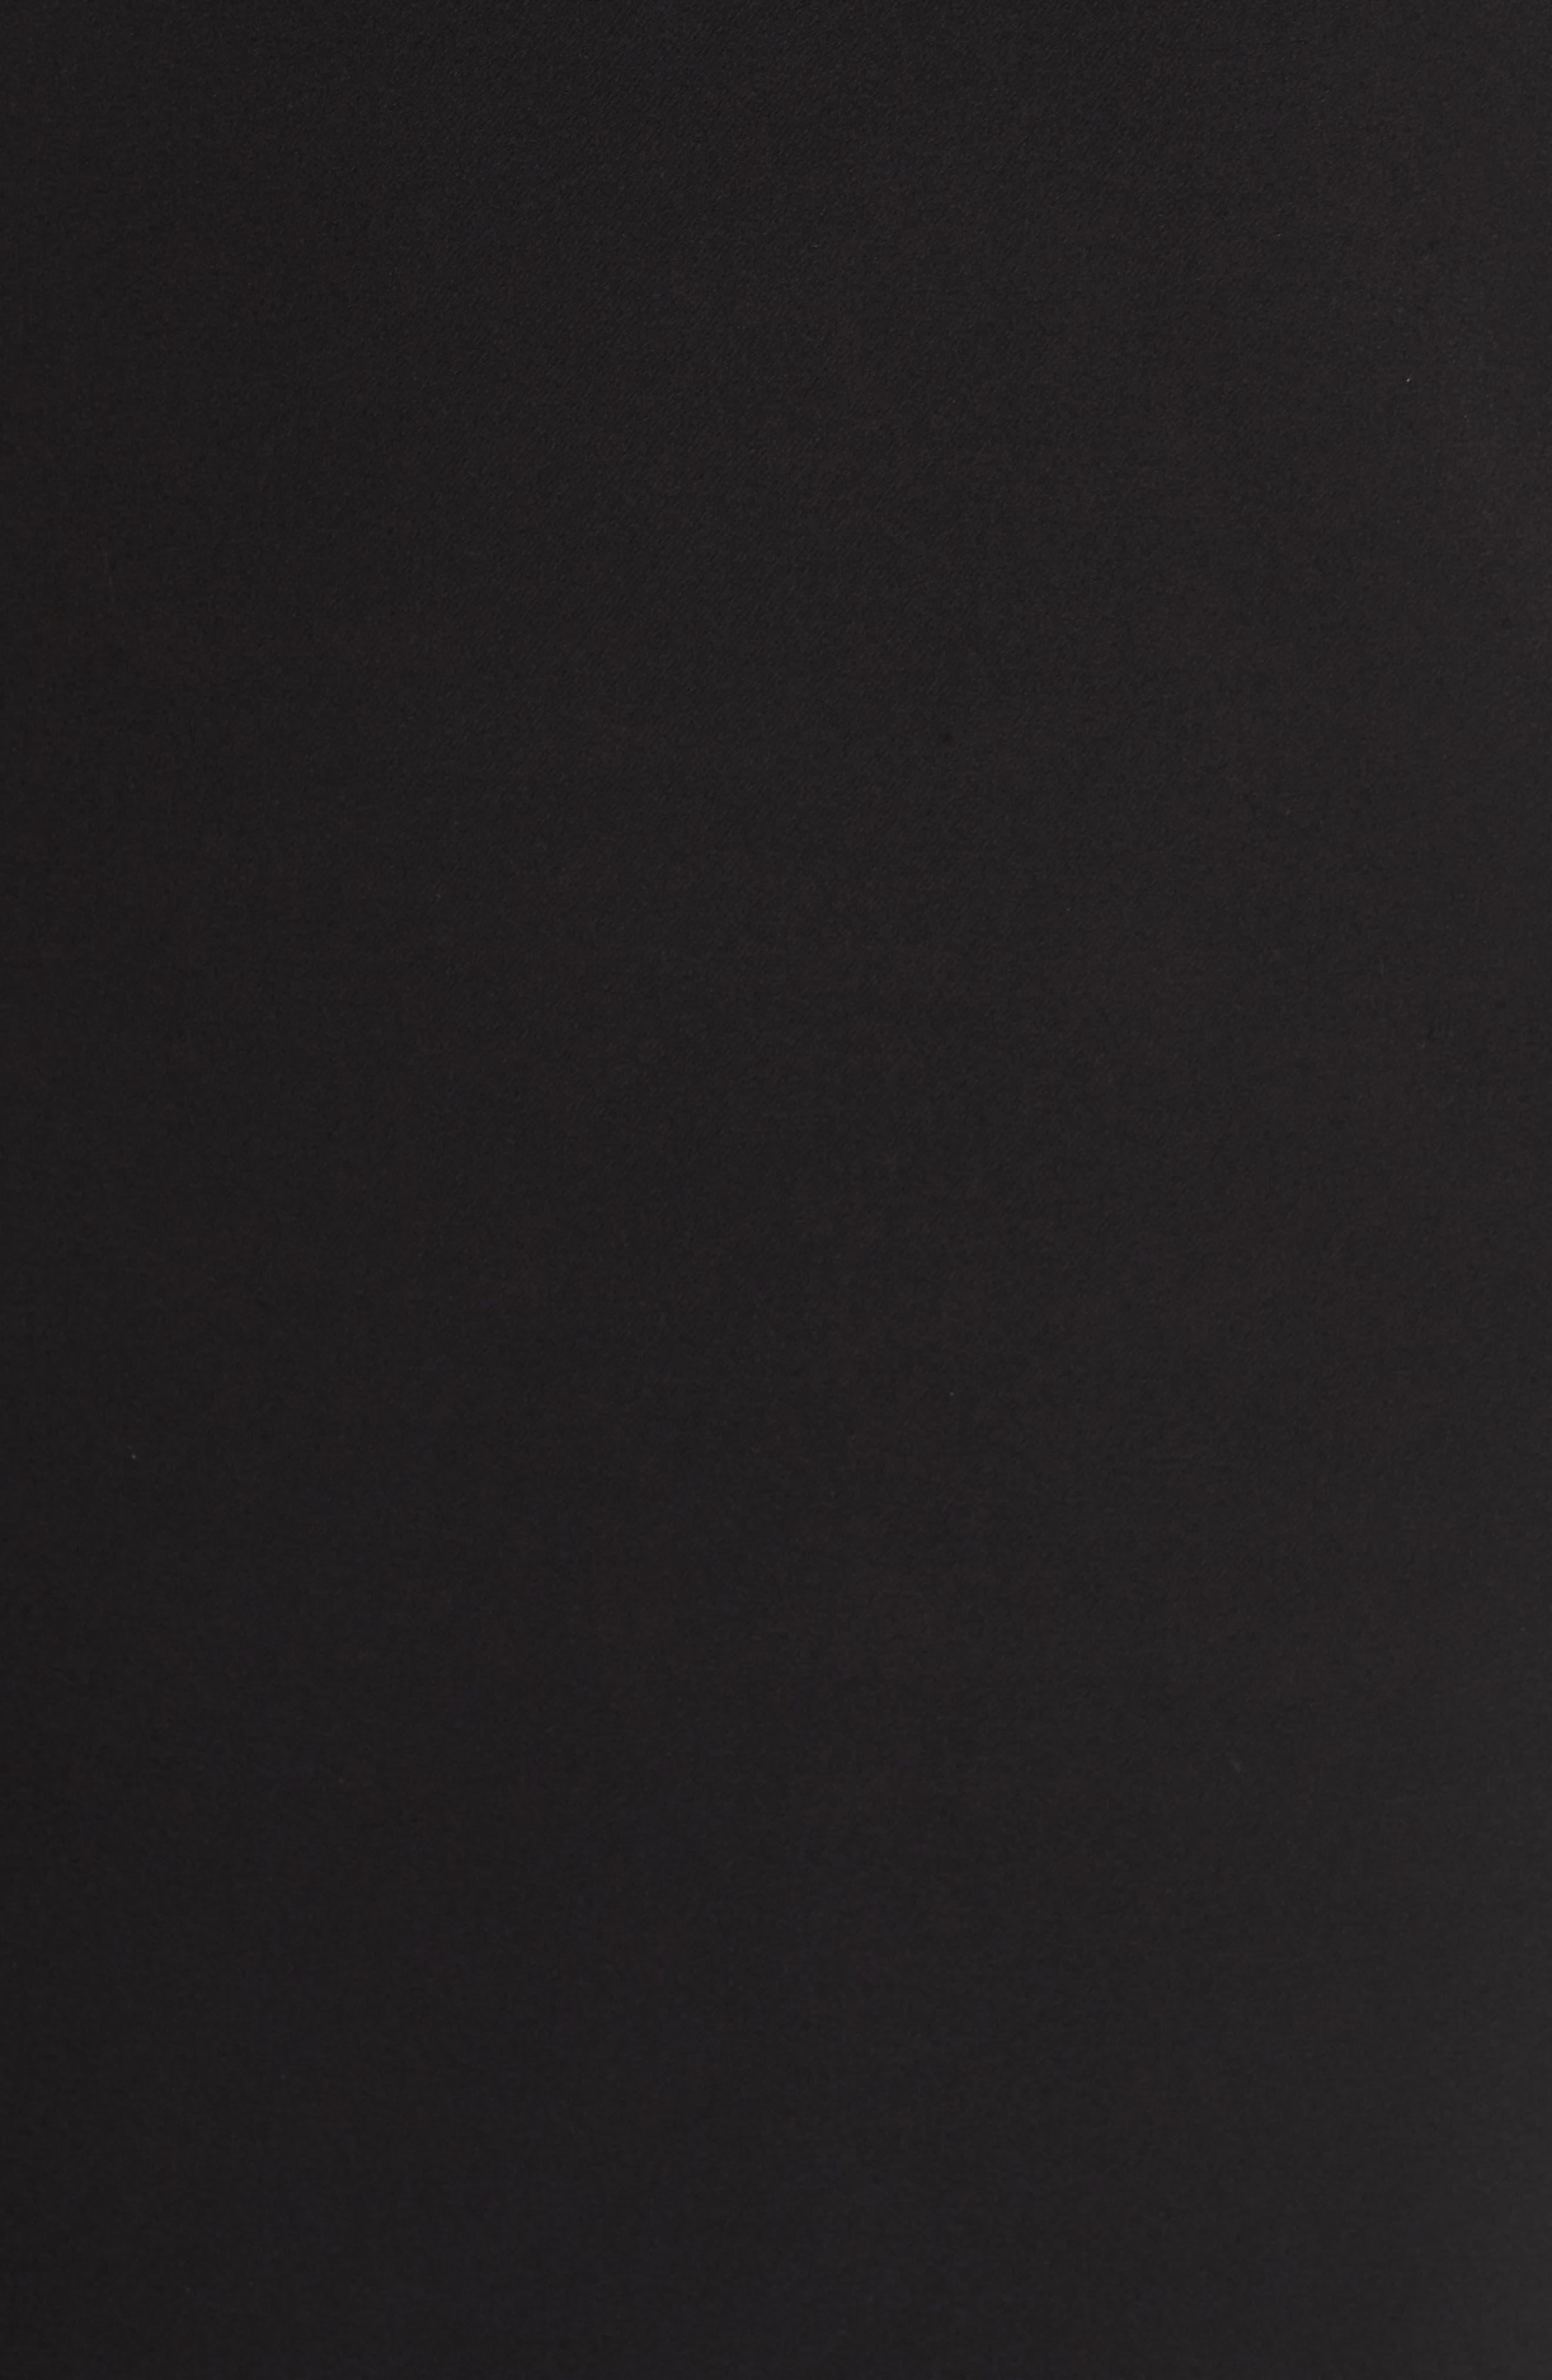 VINCE CAMUTO, One-Shoulder Cape Gown, Alternate thumbnail 6, color, BLACK